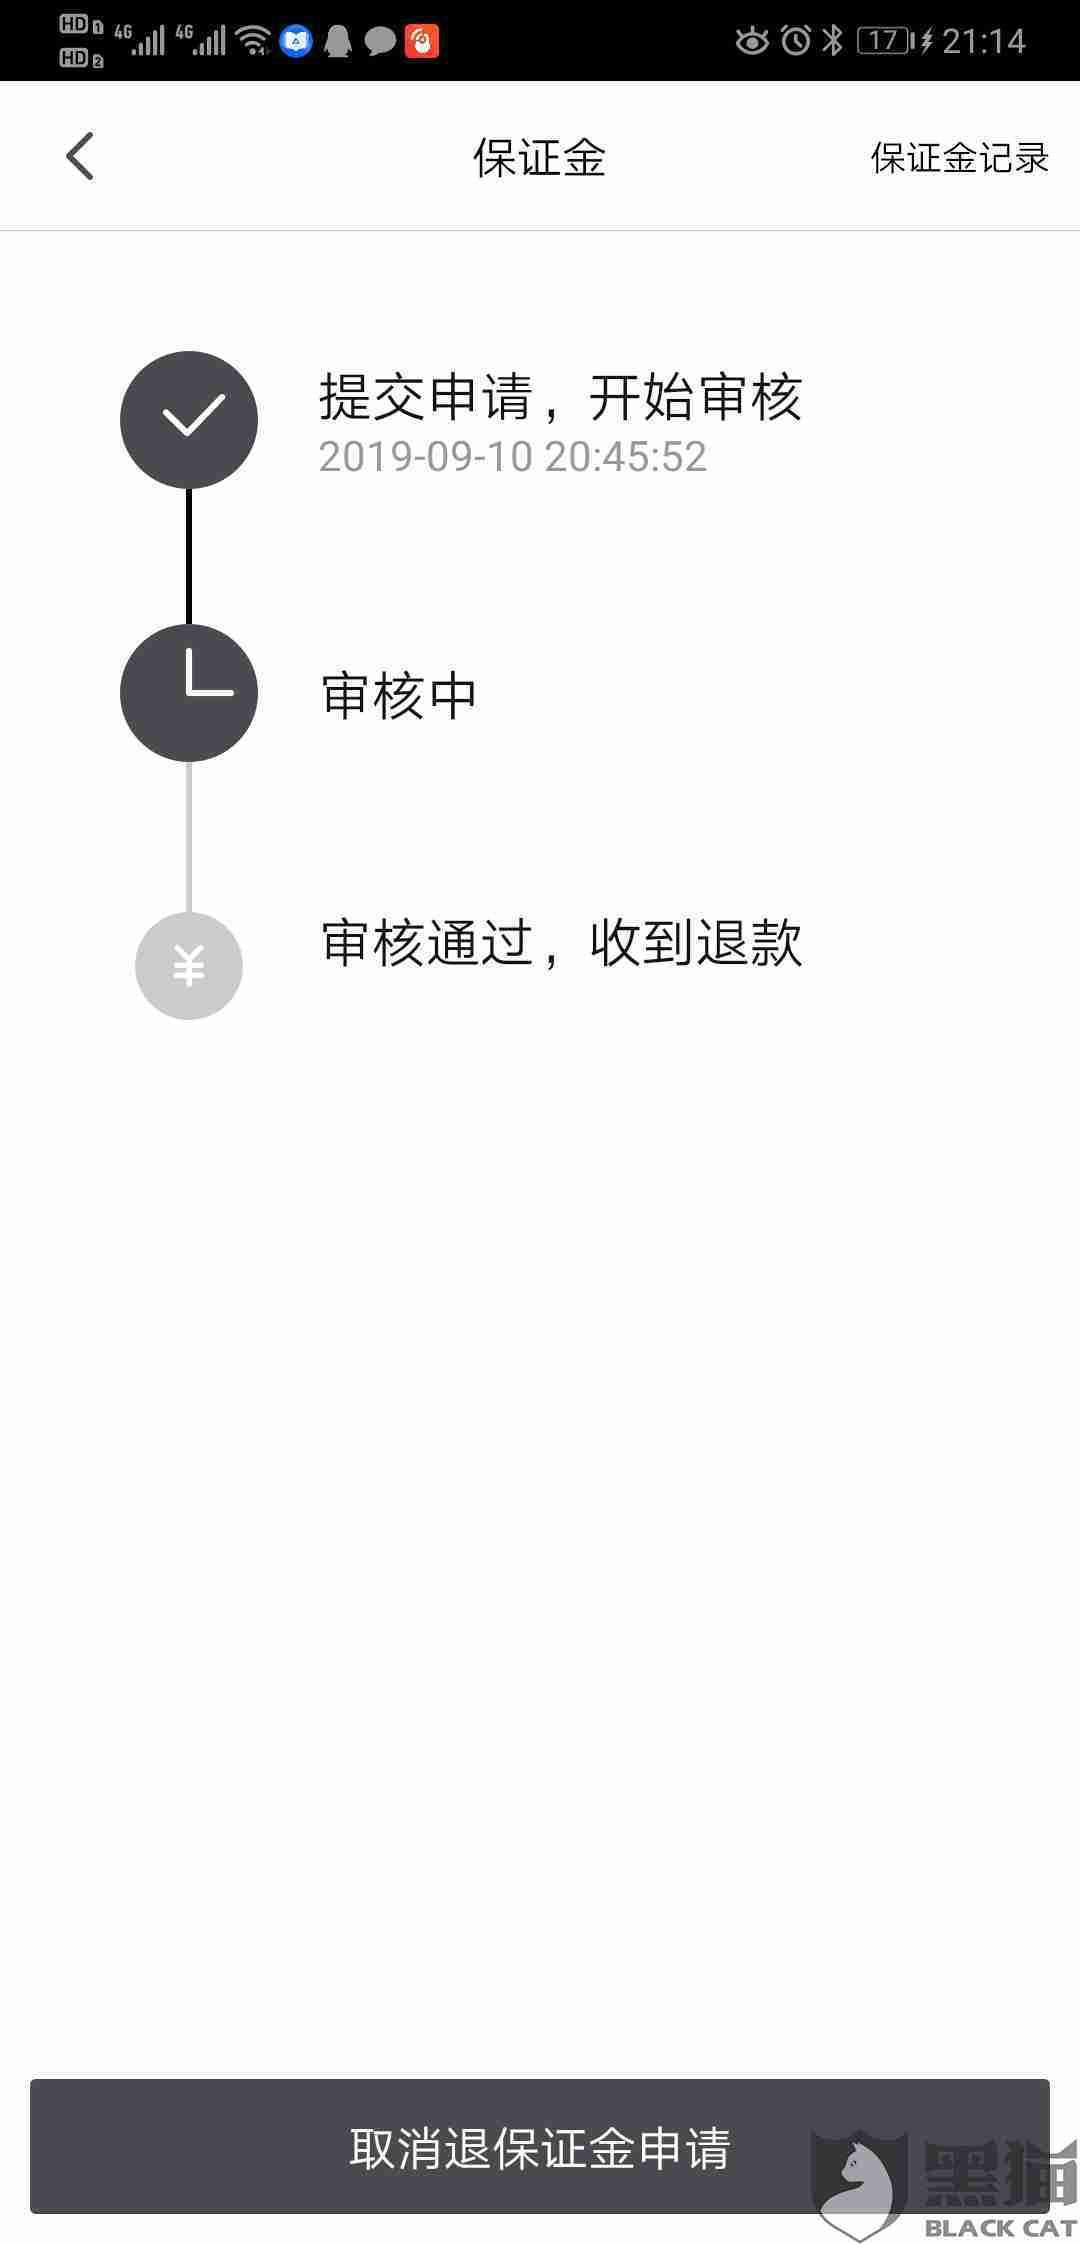 黑猫投诉: 天津山和朋友们科技有限公司的立刻出行APP抵押的499元保证金无法退回